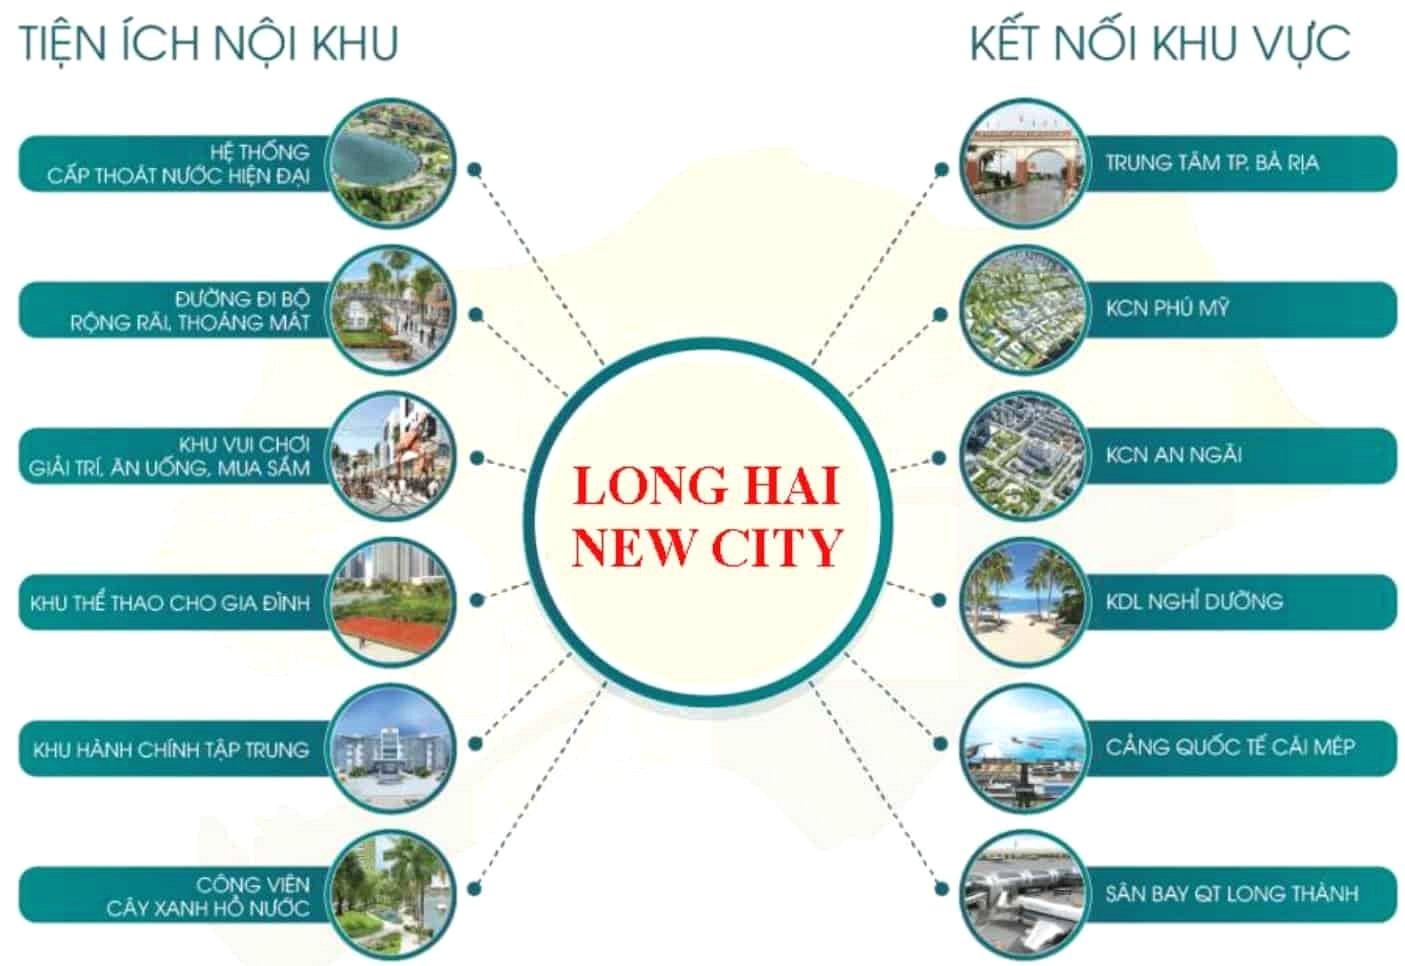 Tiện ích dự án Long Hải New City Bà Rịa